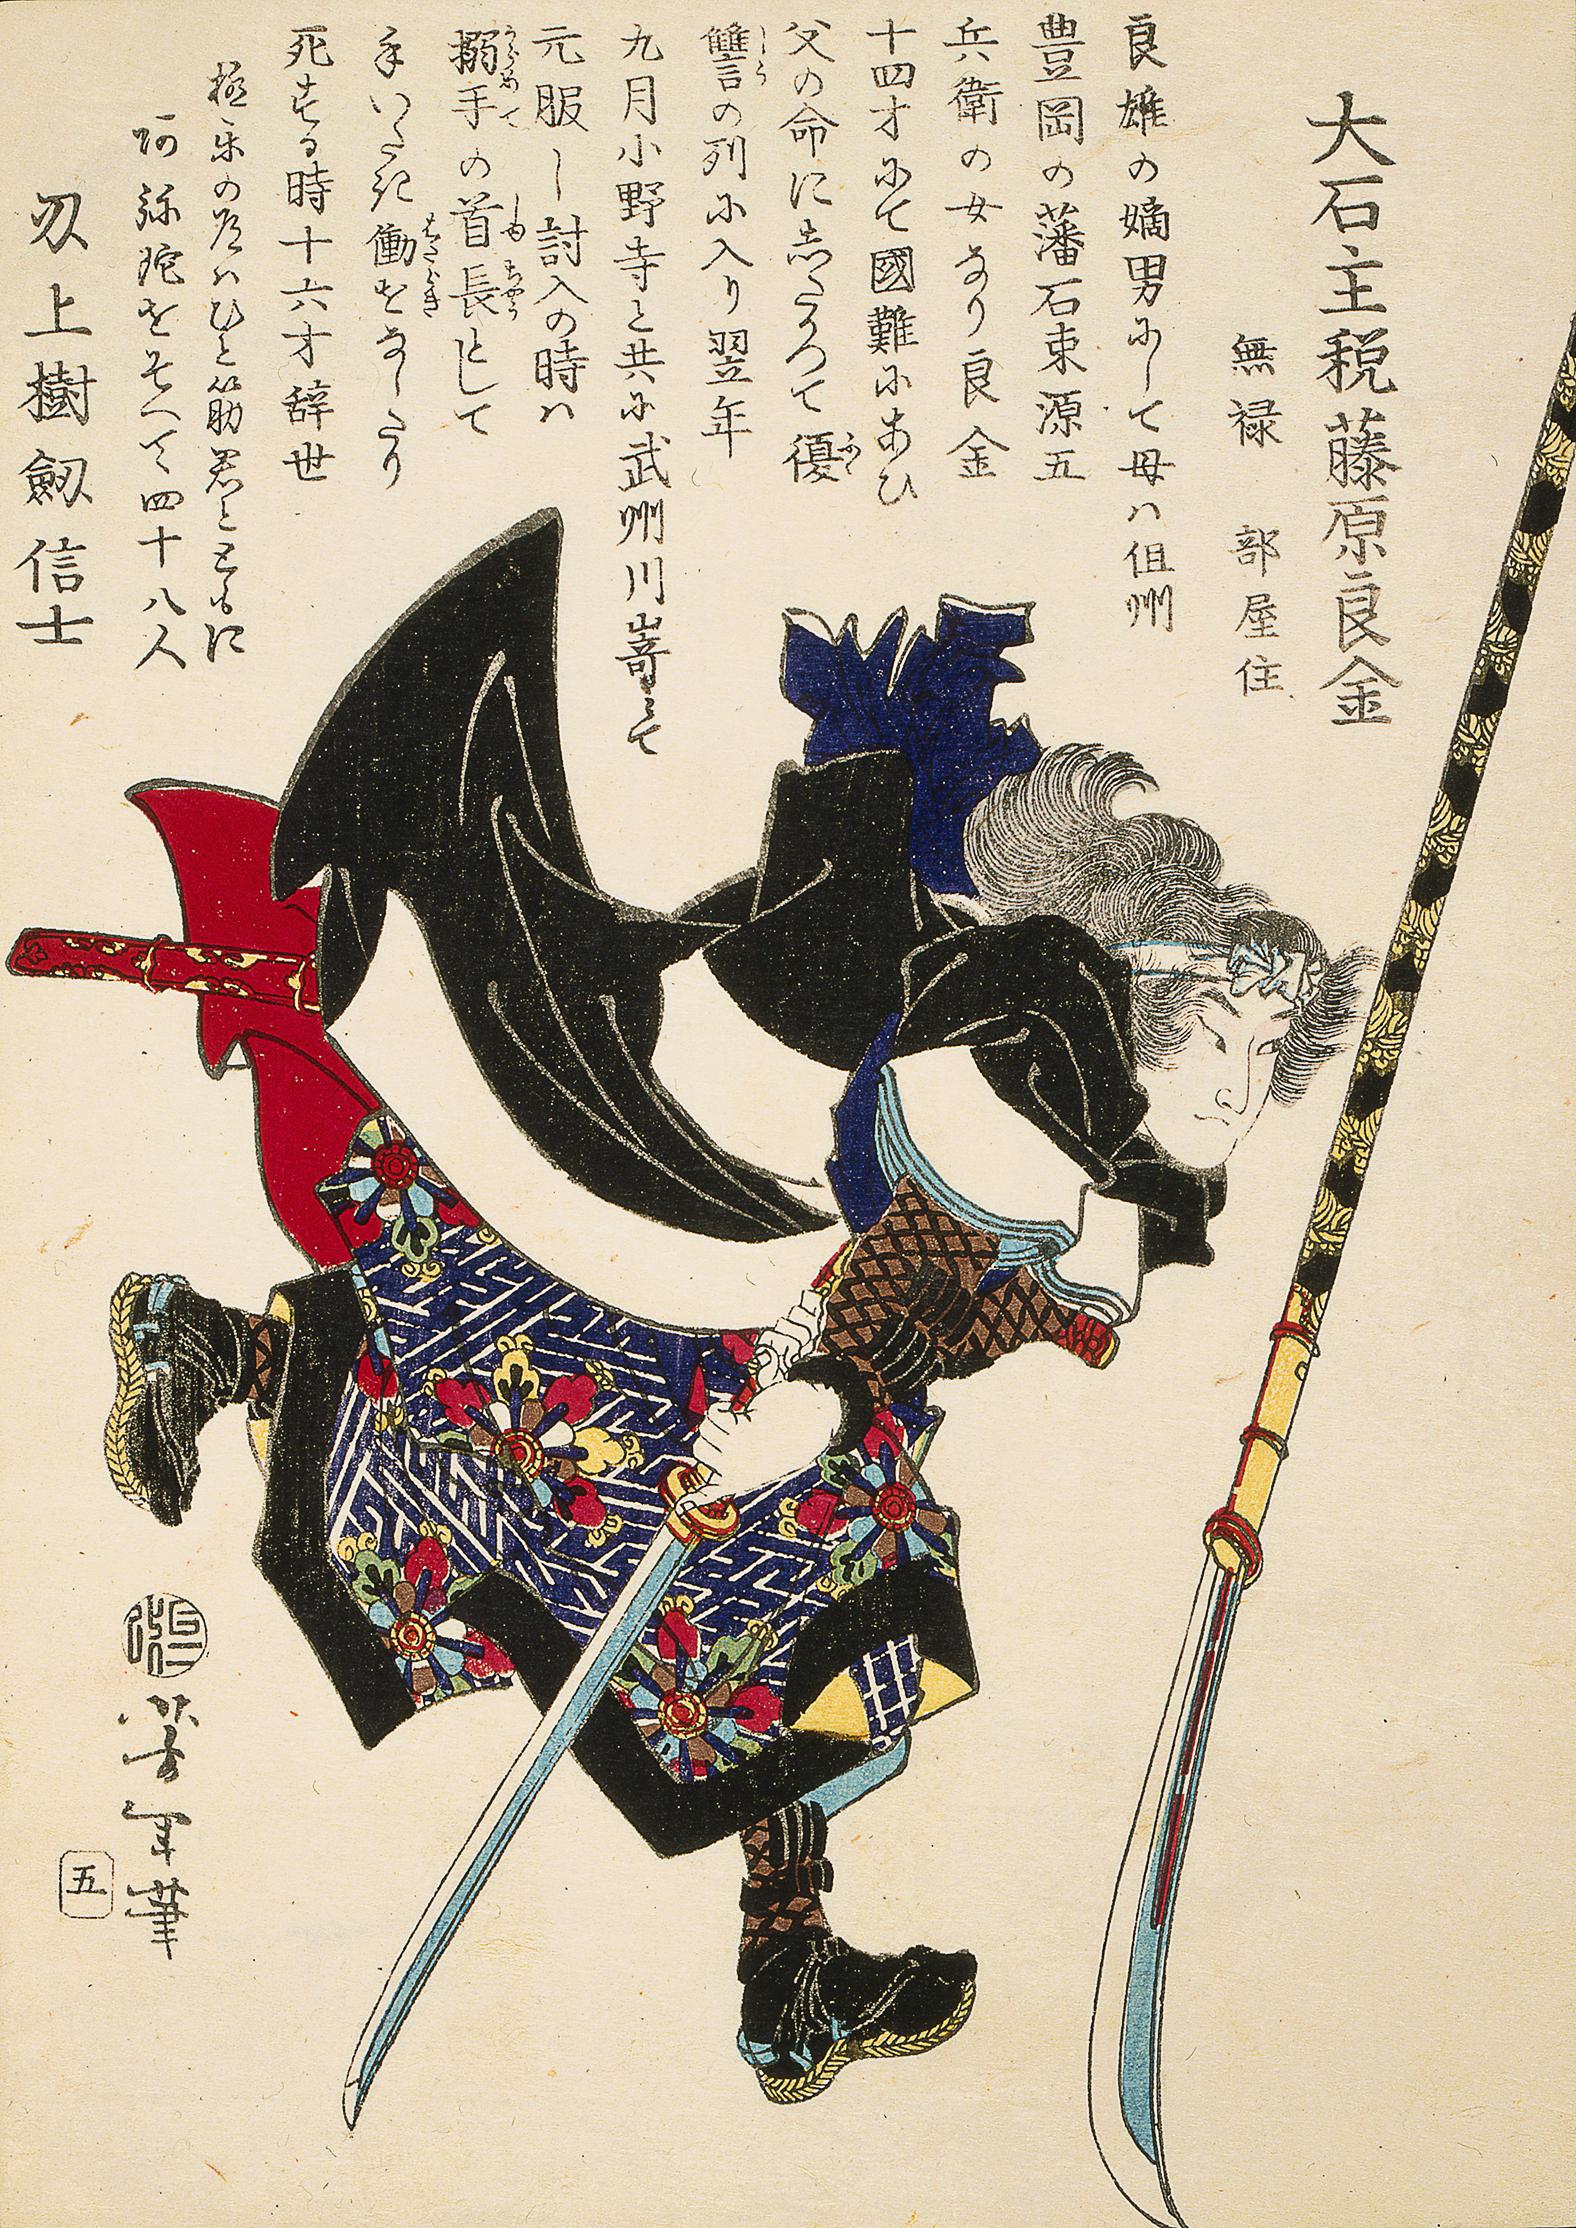 Ronin, a masterless samurai